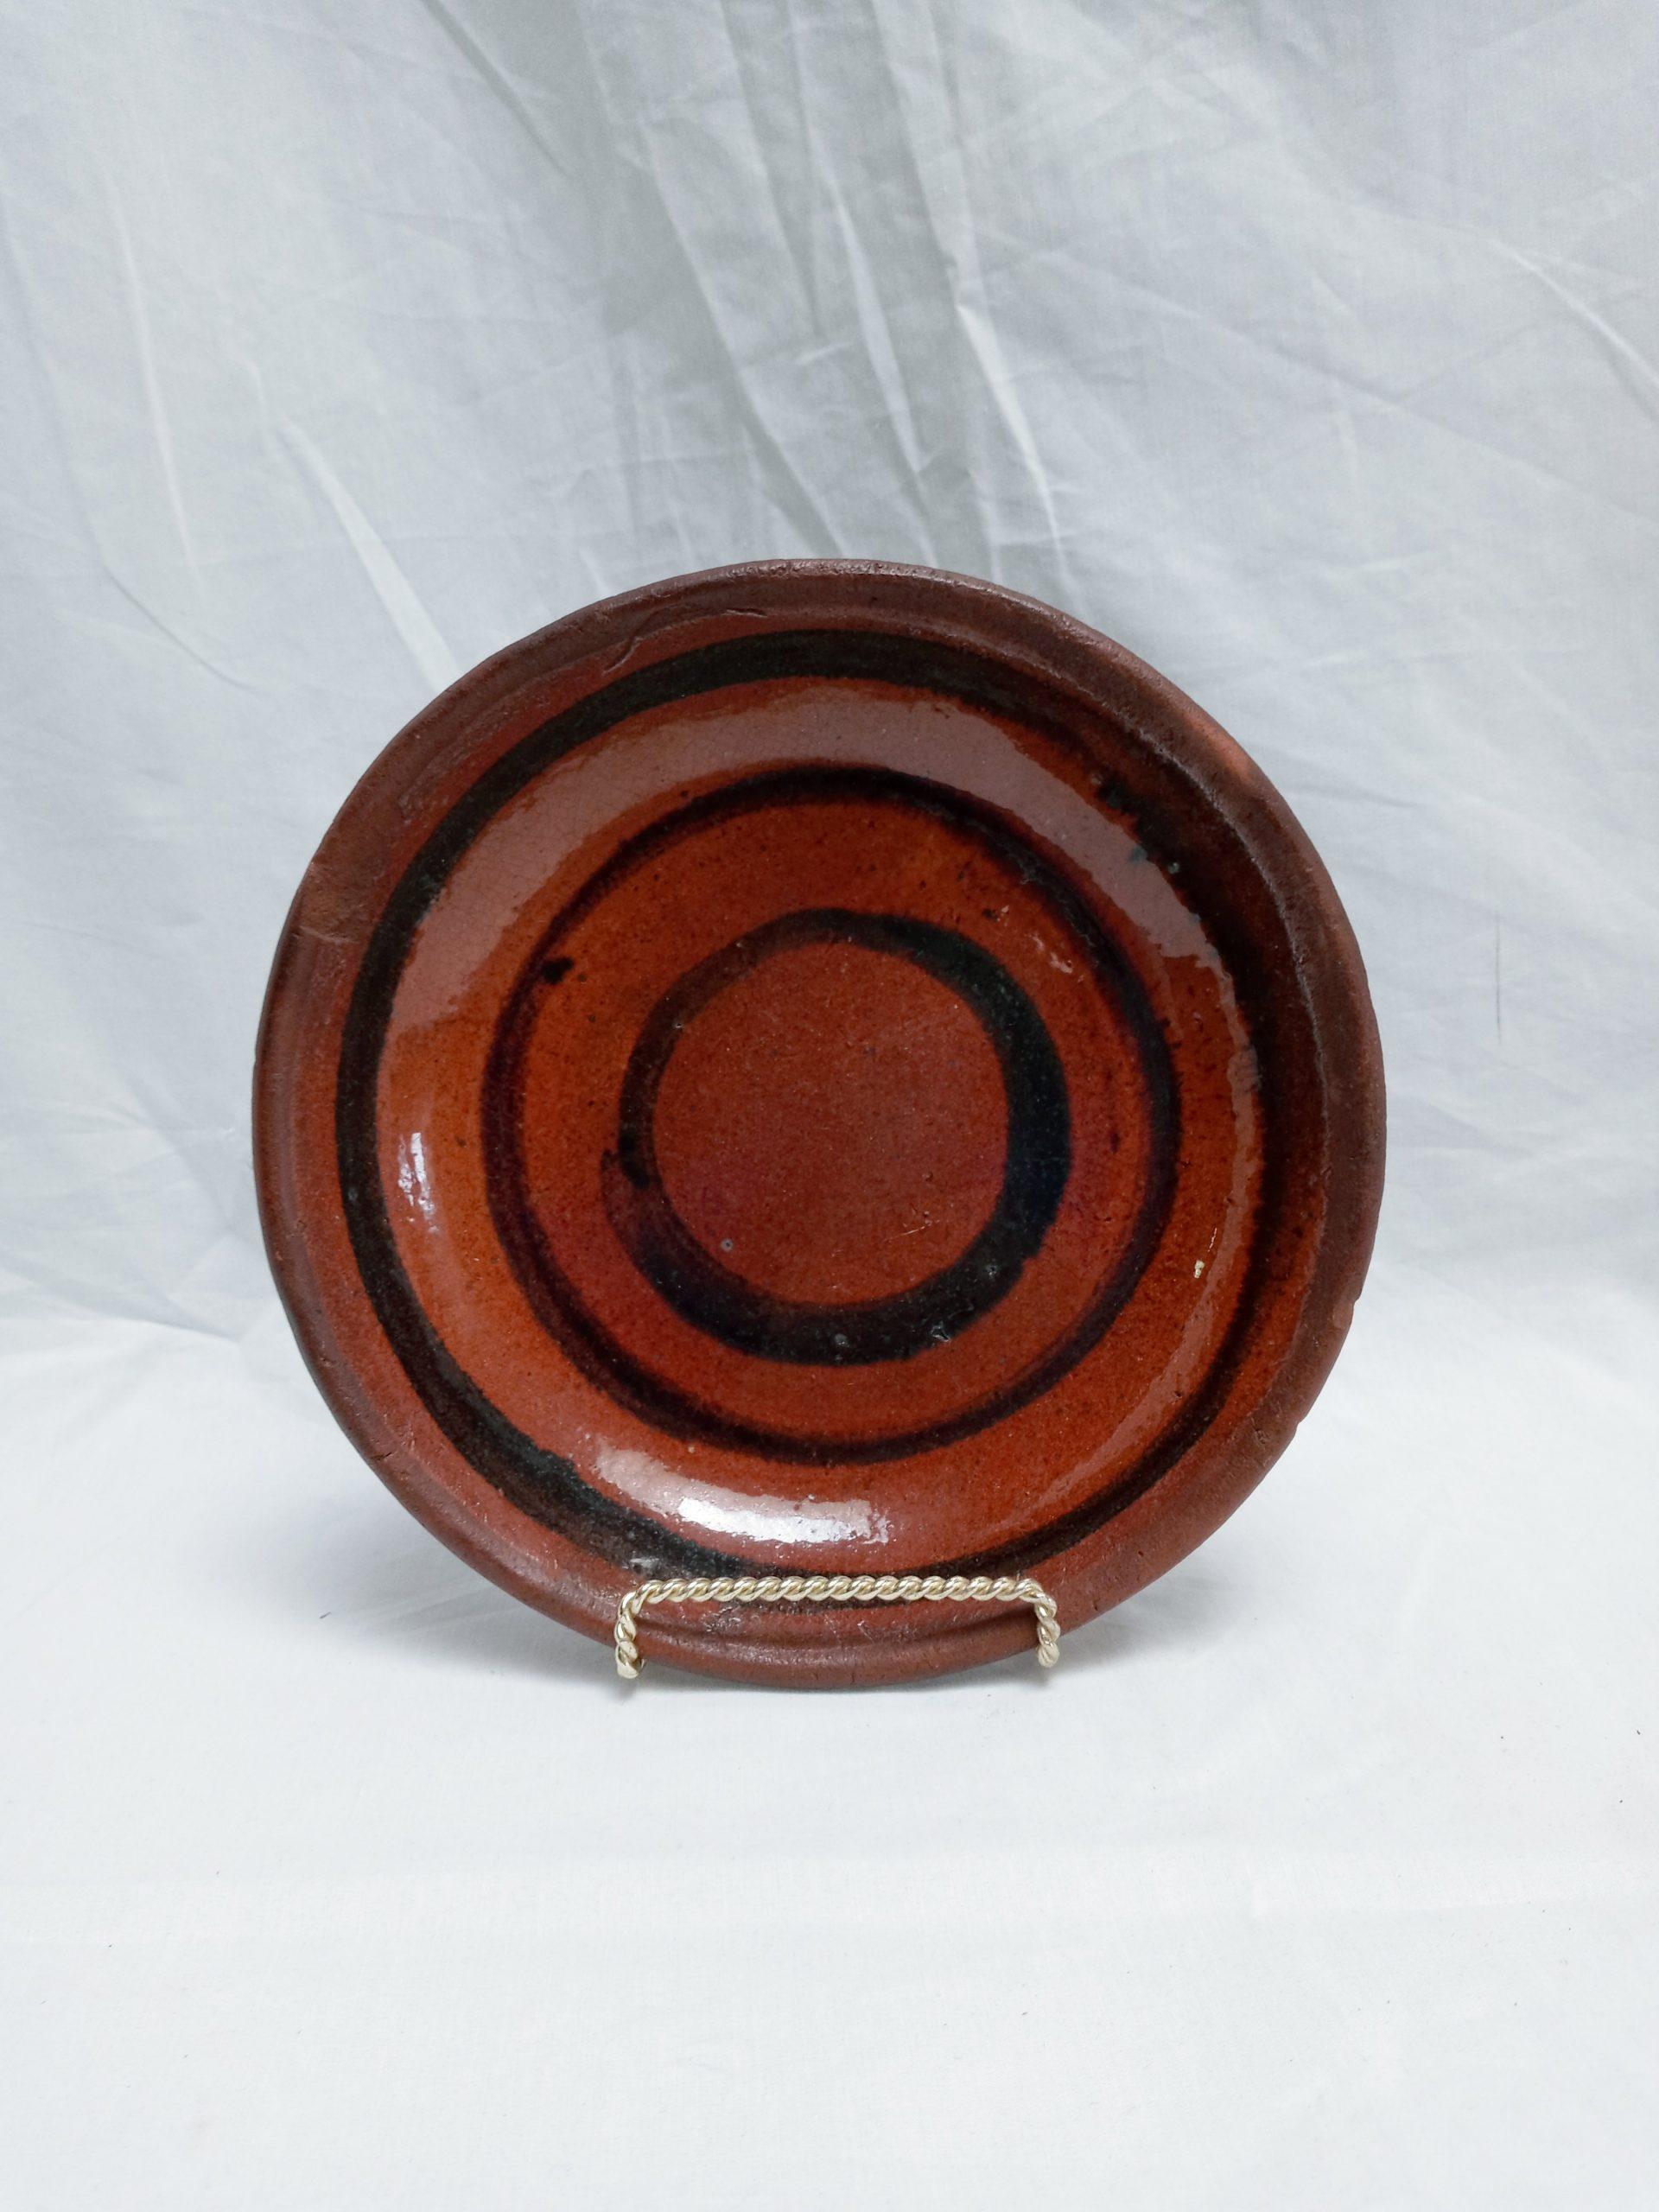 21-9712 Pennsylvania Redware Pie Plate Image